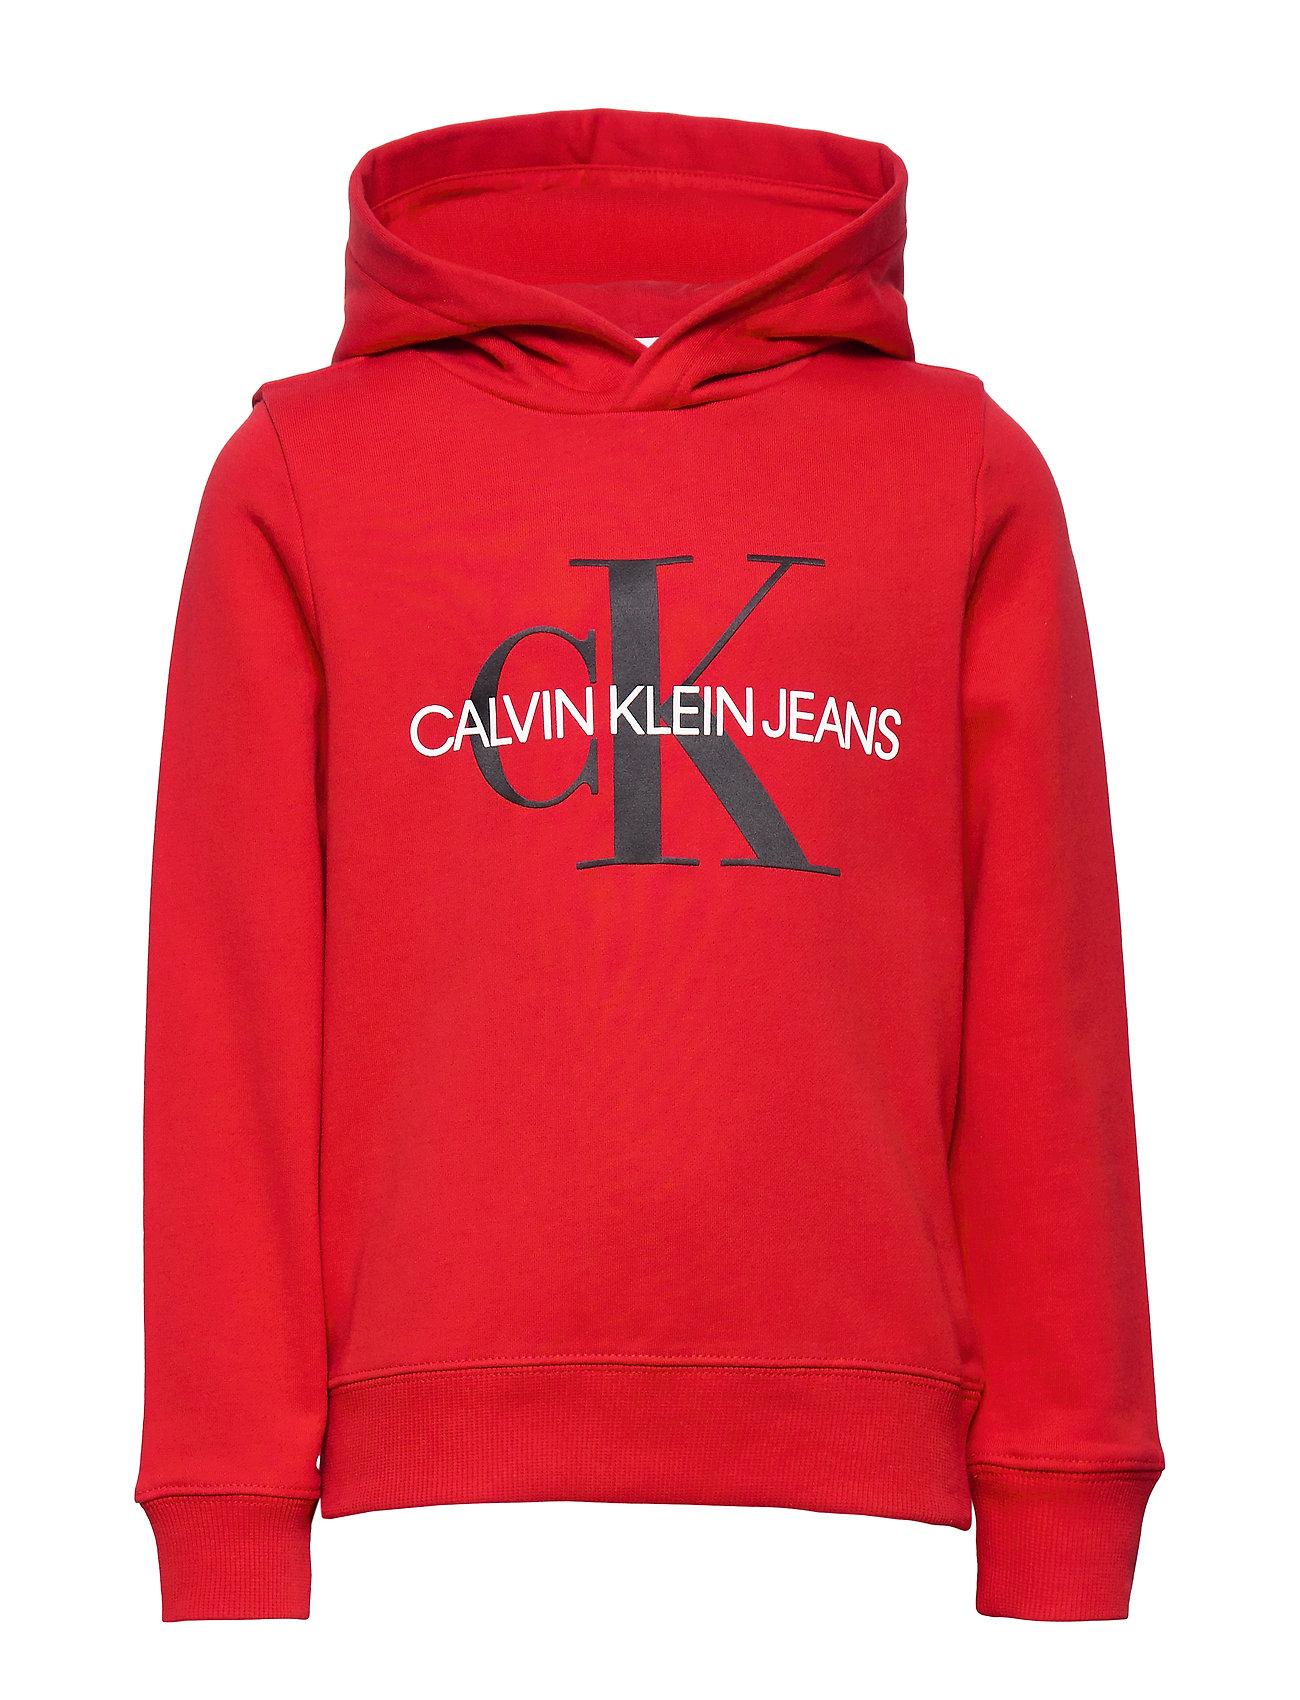 Calvin Klein MONOGRAM HOODIE - RUSTIC RED